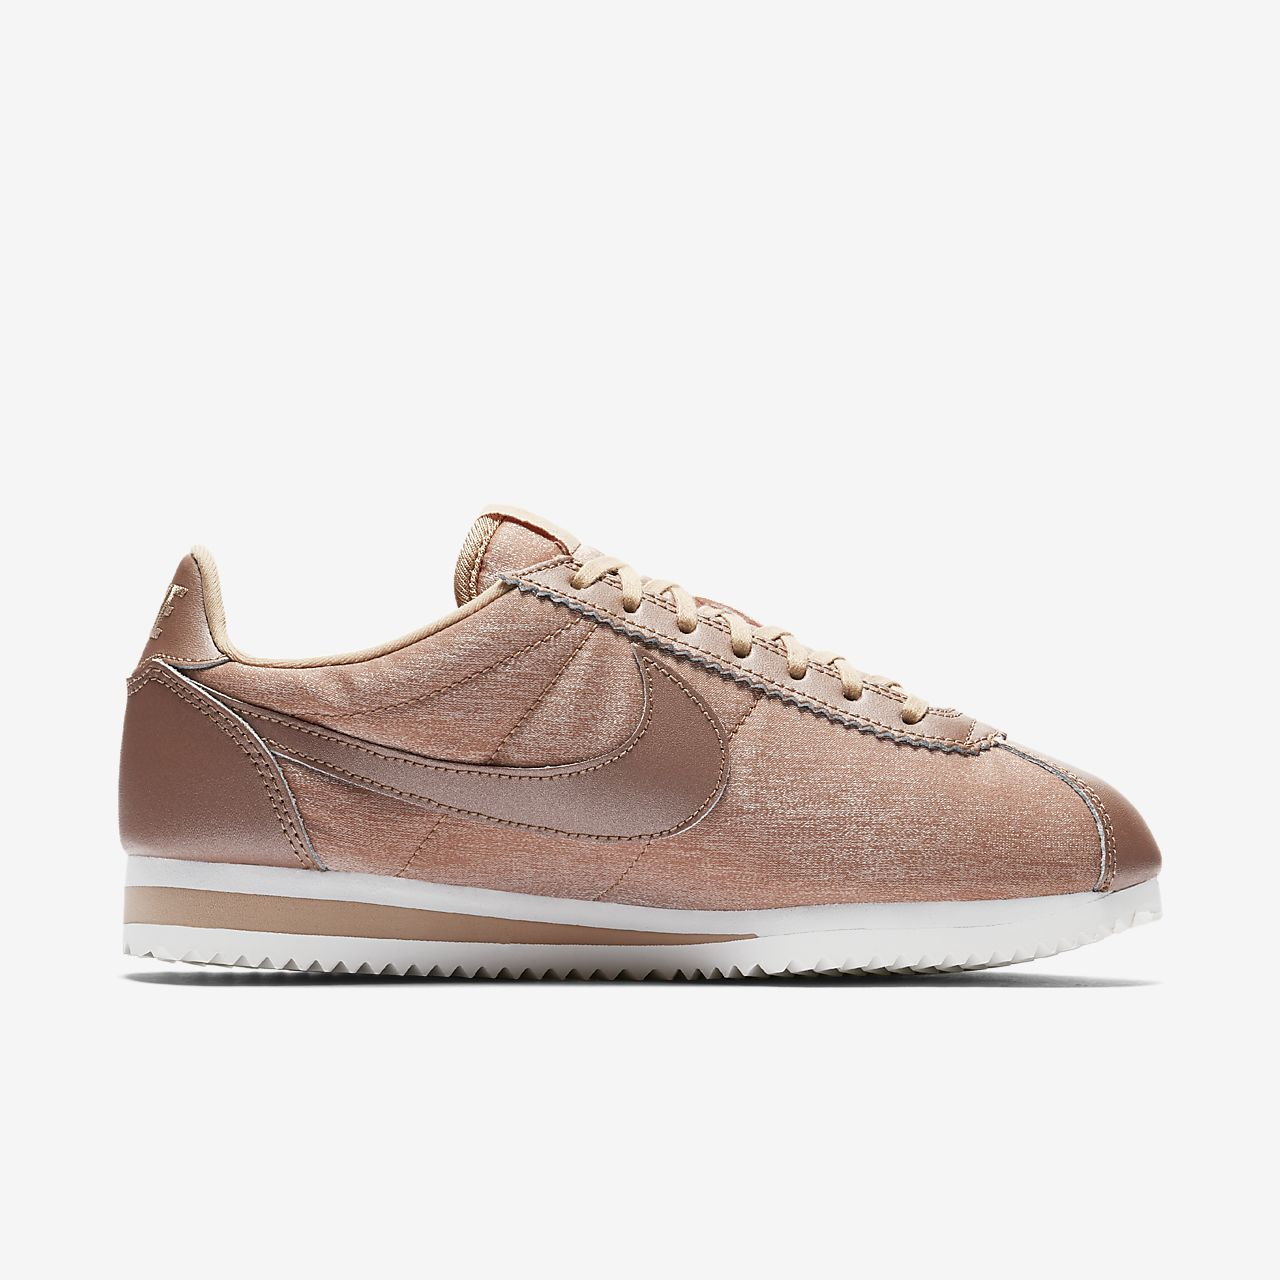 Donna Nike Classic Cortez Premium Mtlc ROSSO BRONZO Scarpe sportive 905614 903